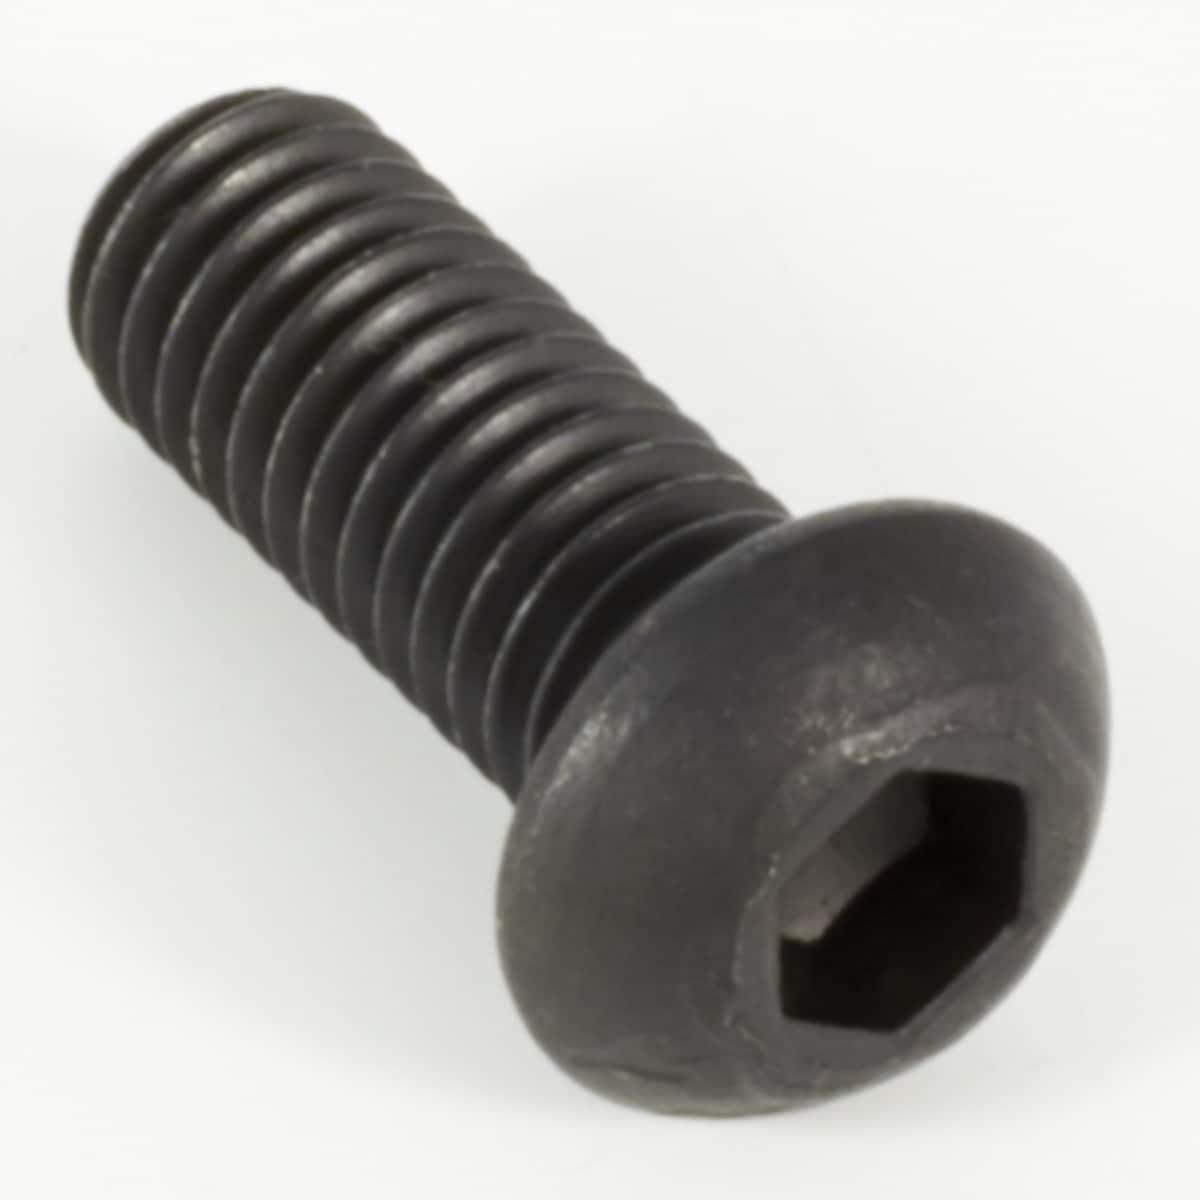 Ruuvi M6x16